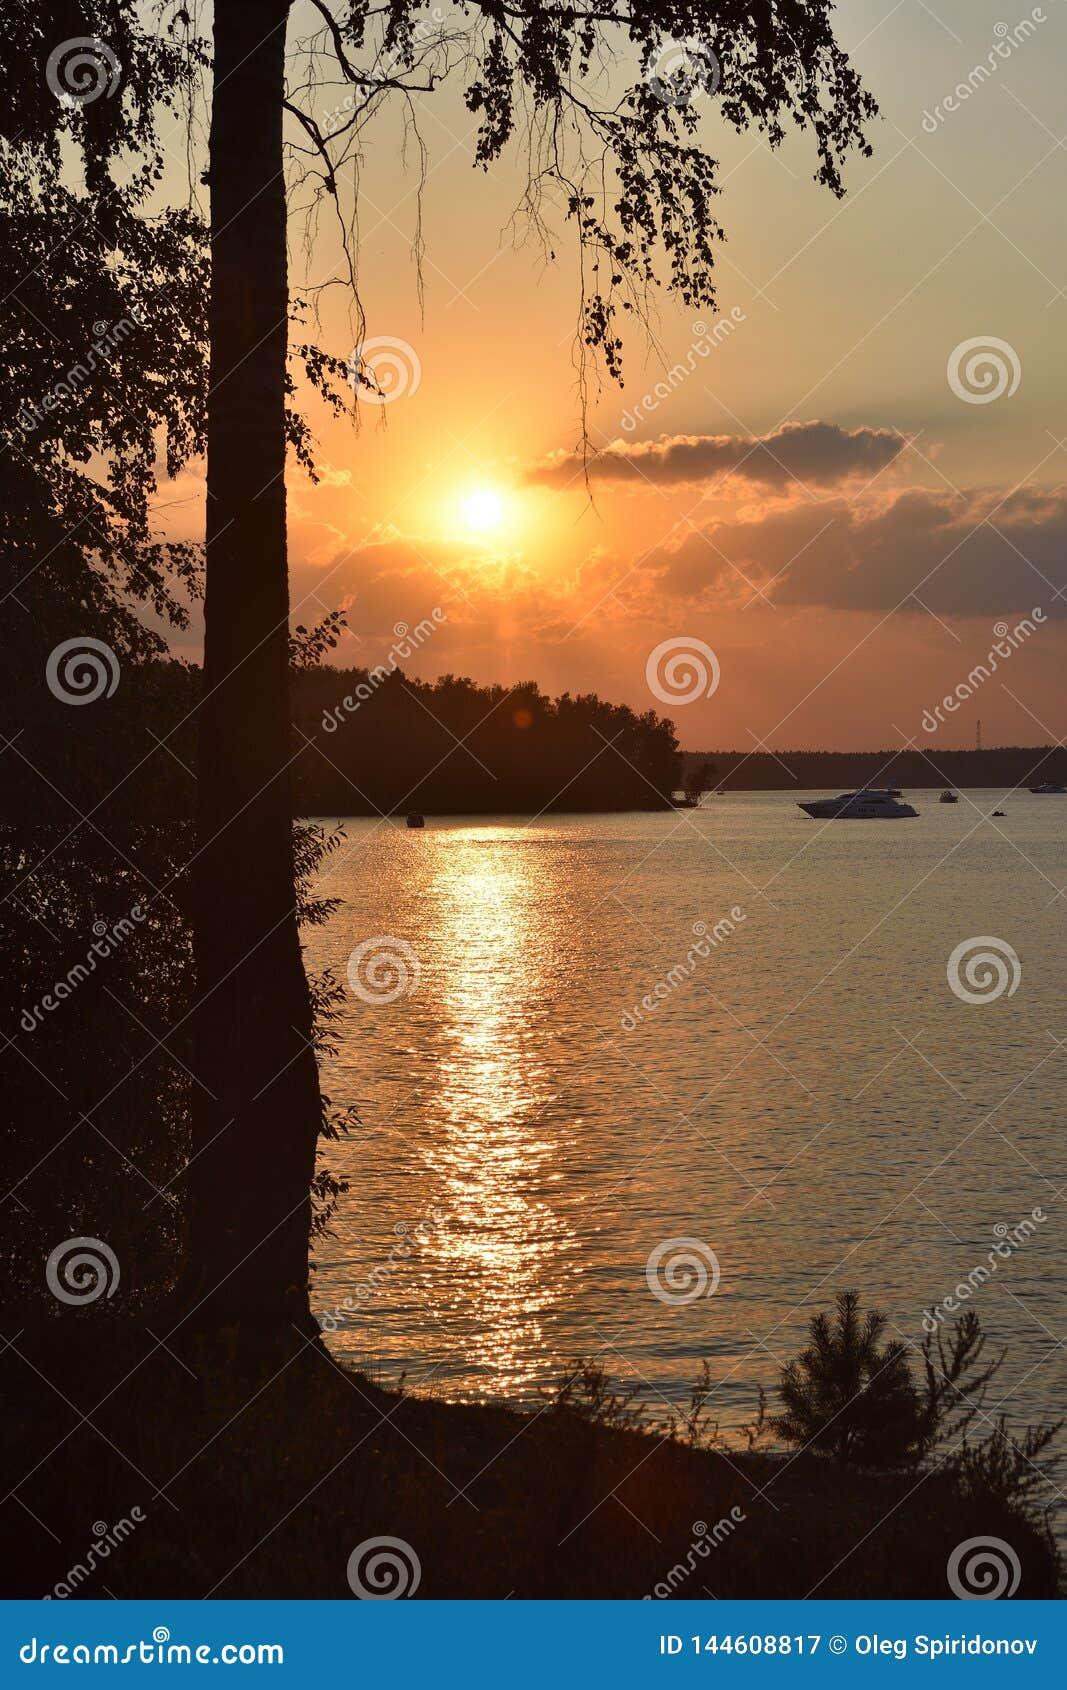 Ηλιοβασίλεμα στη λίμνη, σκιαγραφία μιας σημύδας σε ένα ηλιοβασίλεμα bac